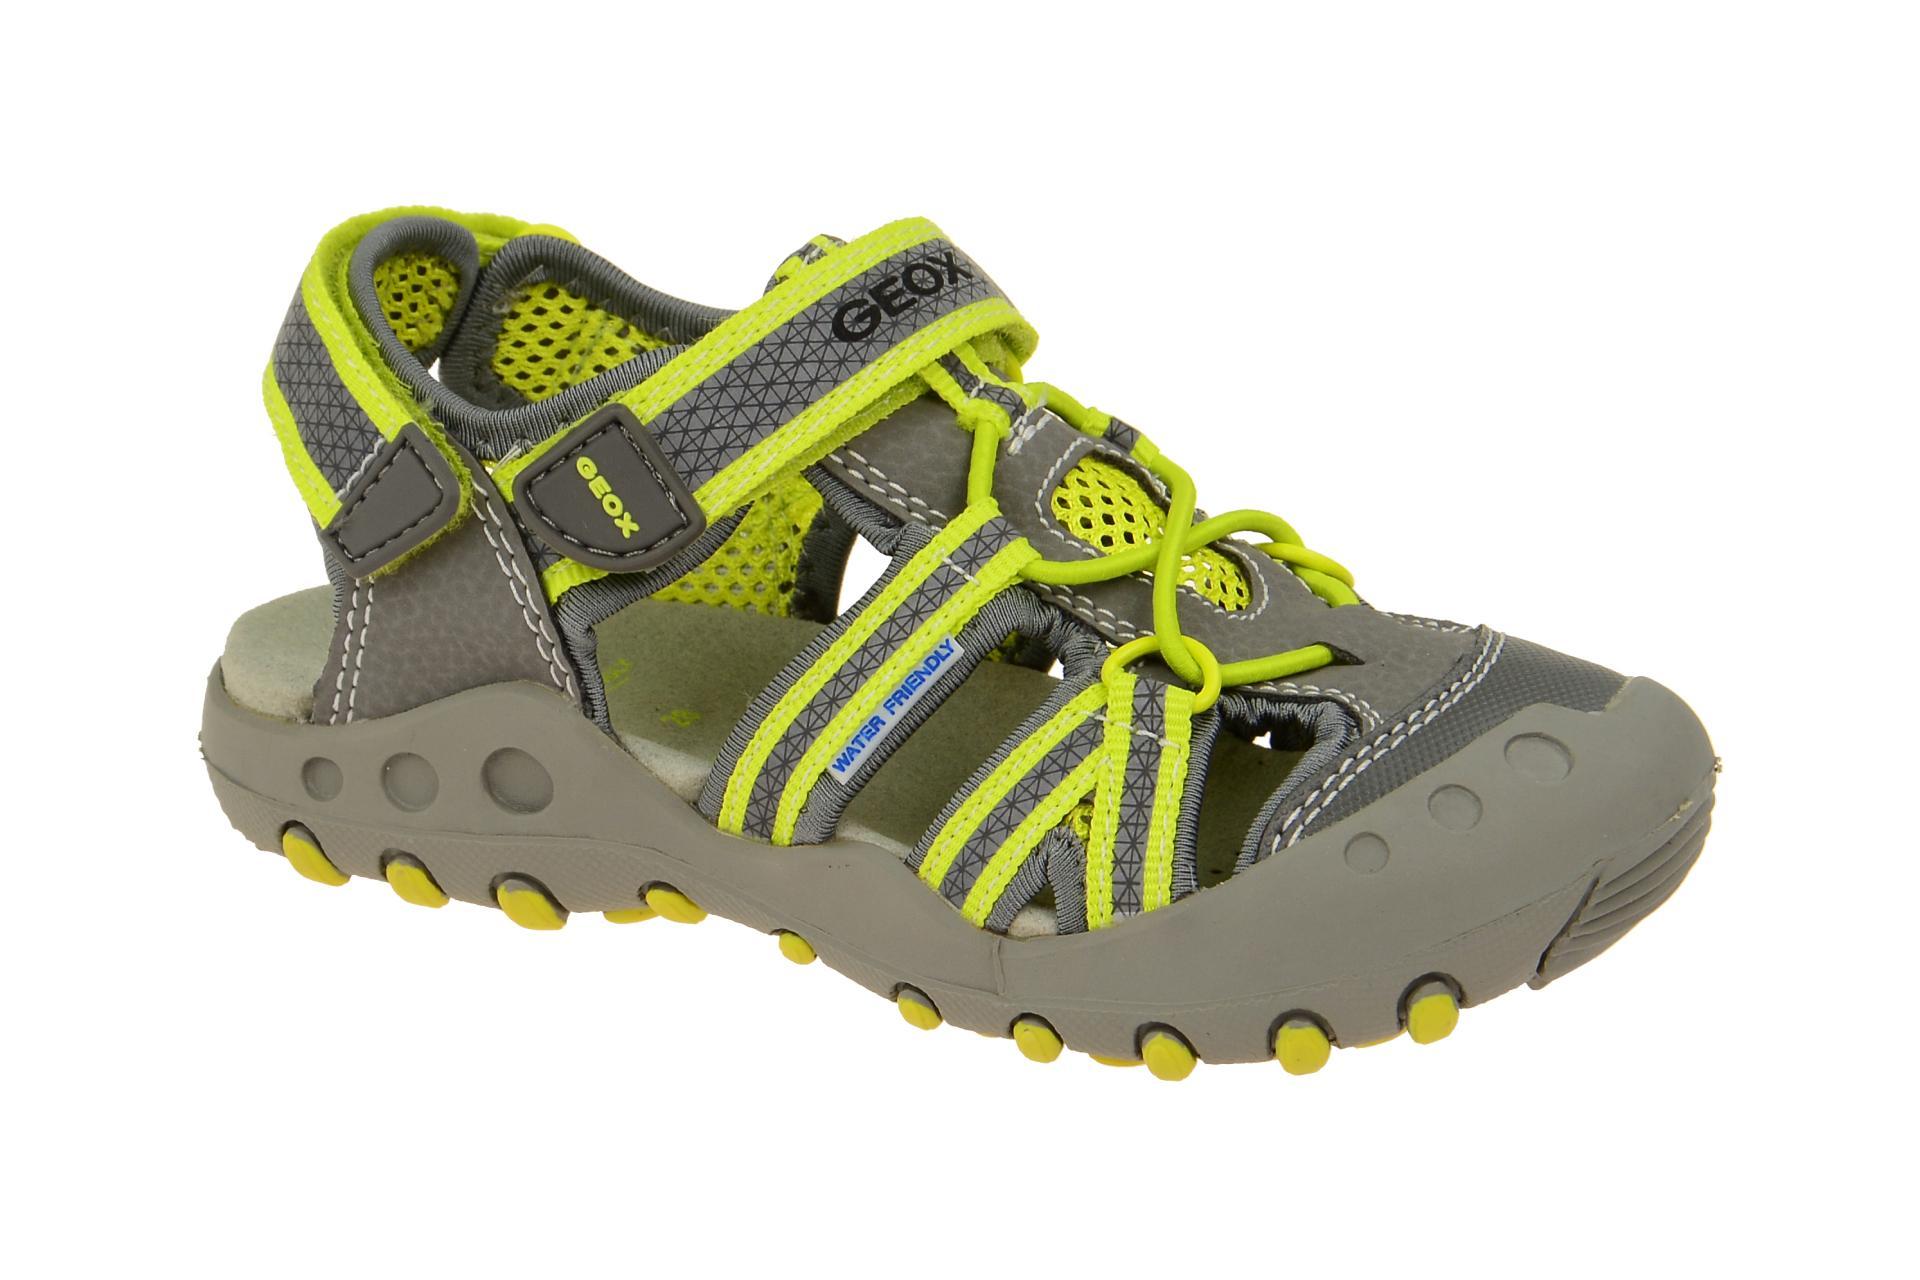 modernes Design Bestbewertete Mode exquisiter Stil Geox Jungen Sandale grau gelb Wassertauglich